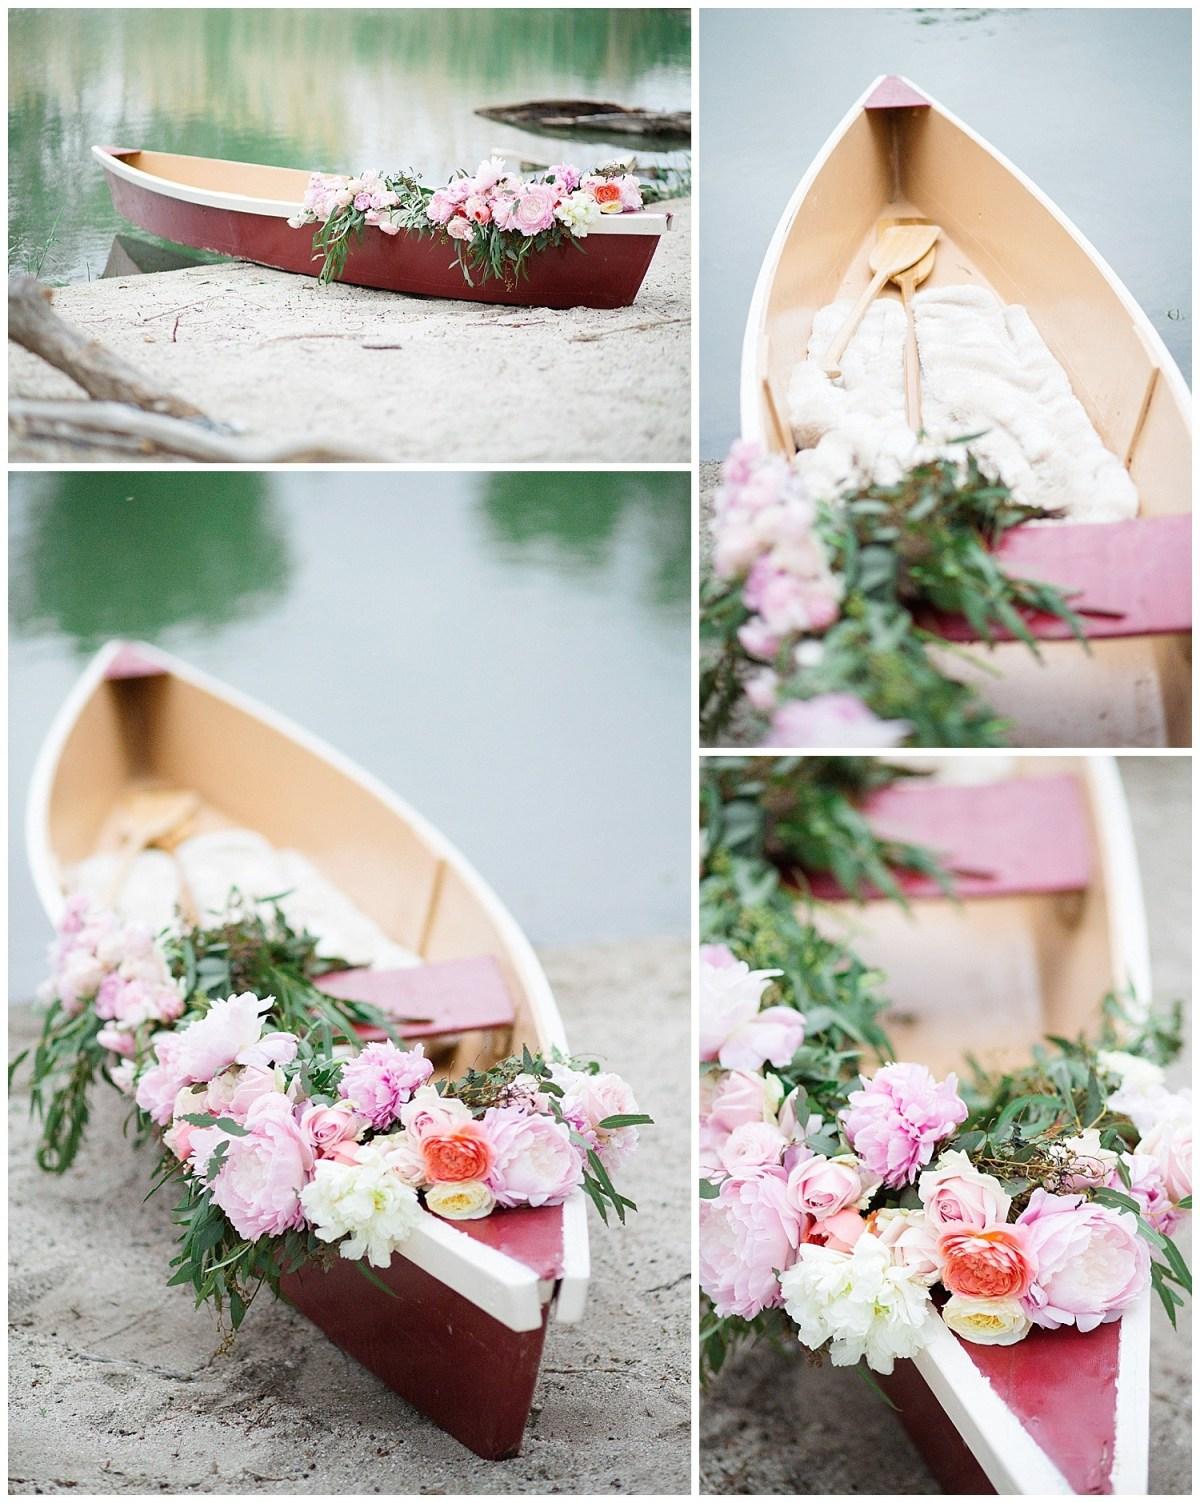 Lakeside Elopement Canoe Wedding Idea